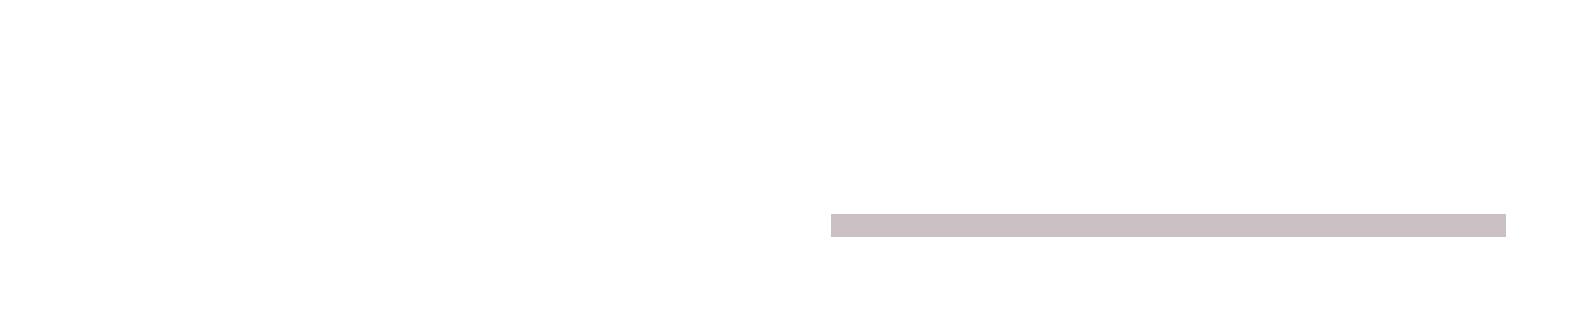 knobz.de